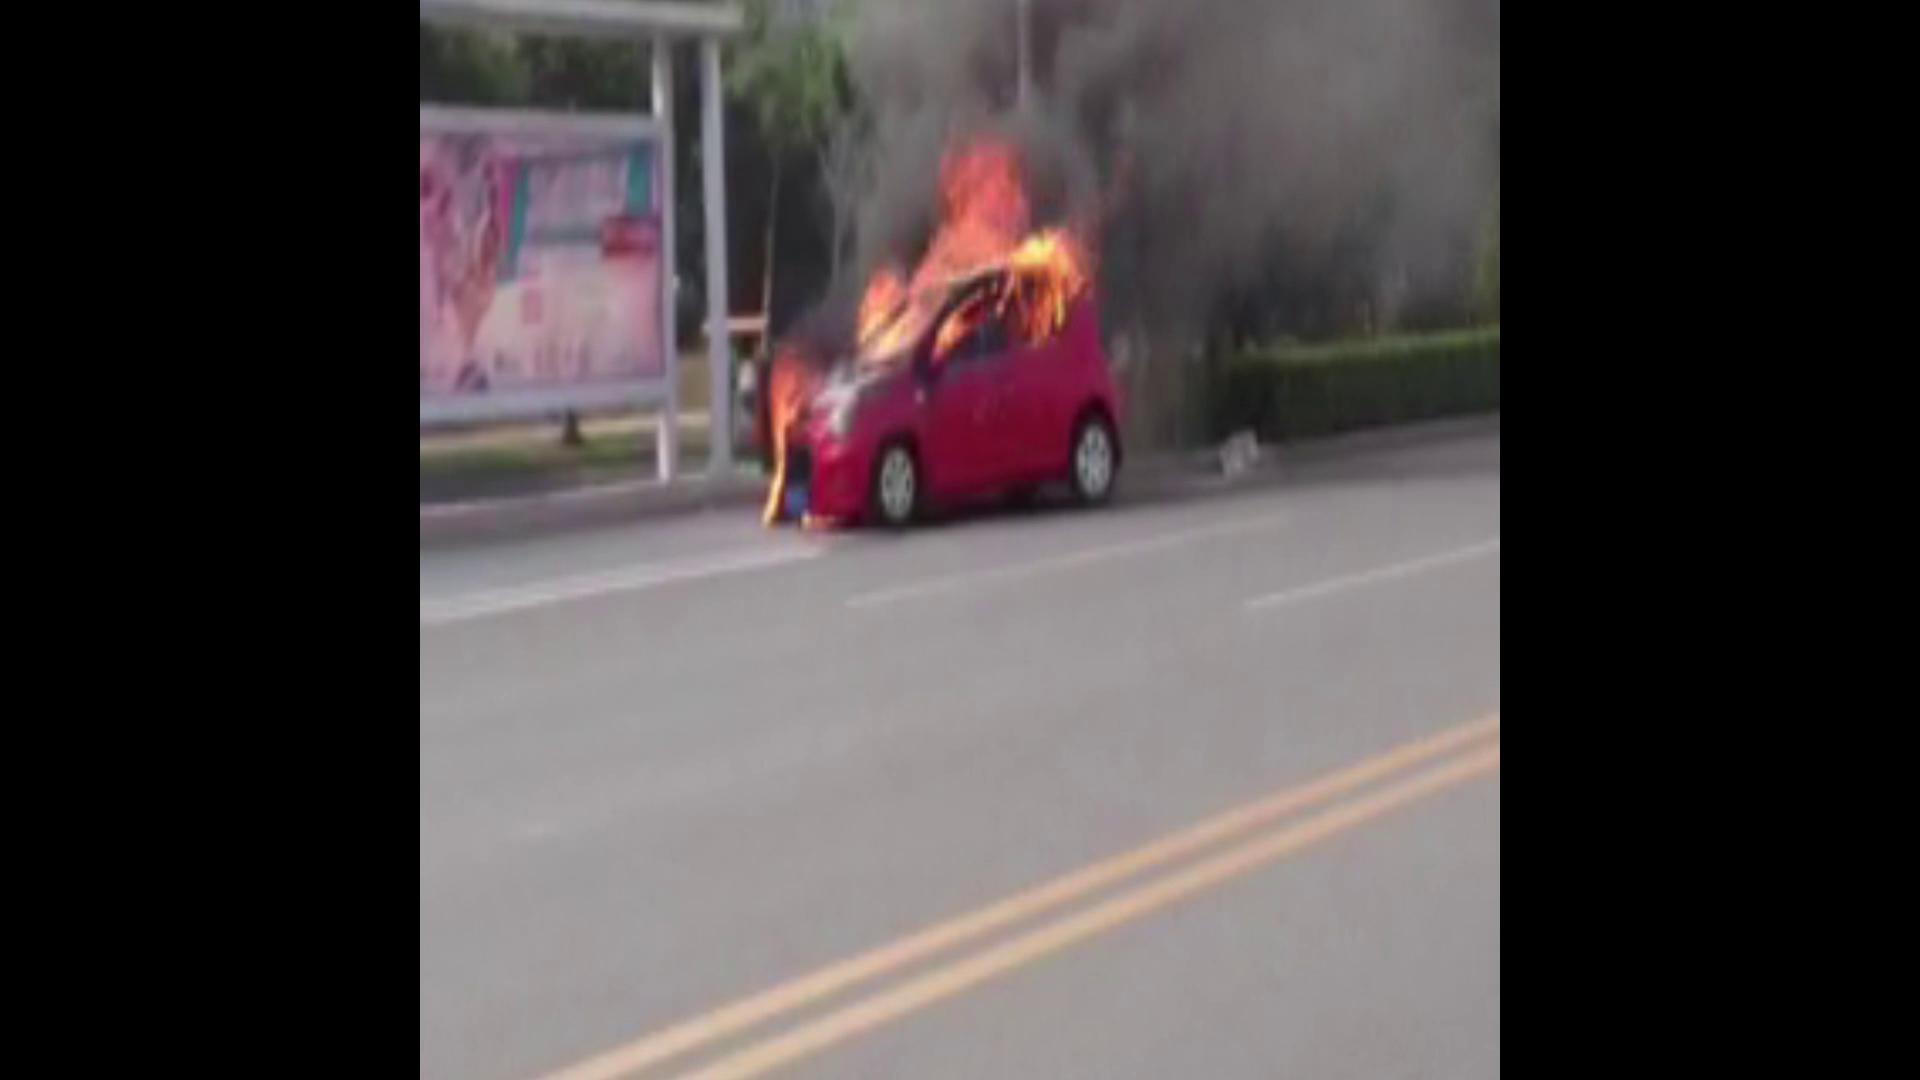 车辆行驶中起火抛锚,驾驶员将车推到路边